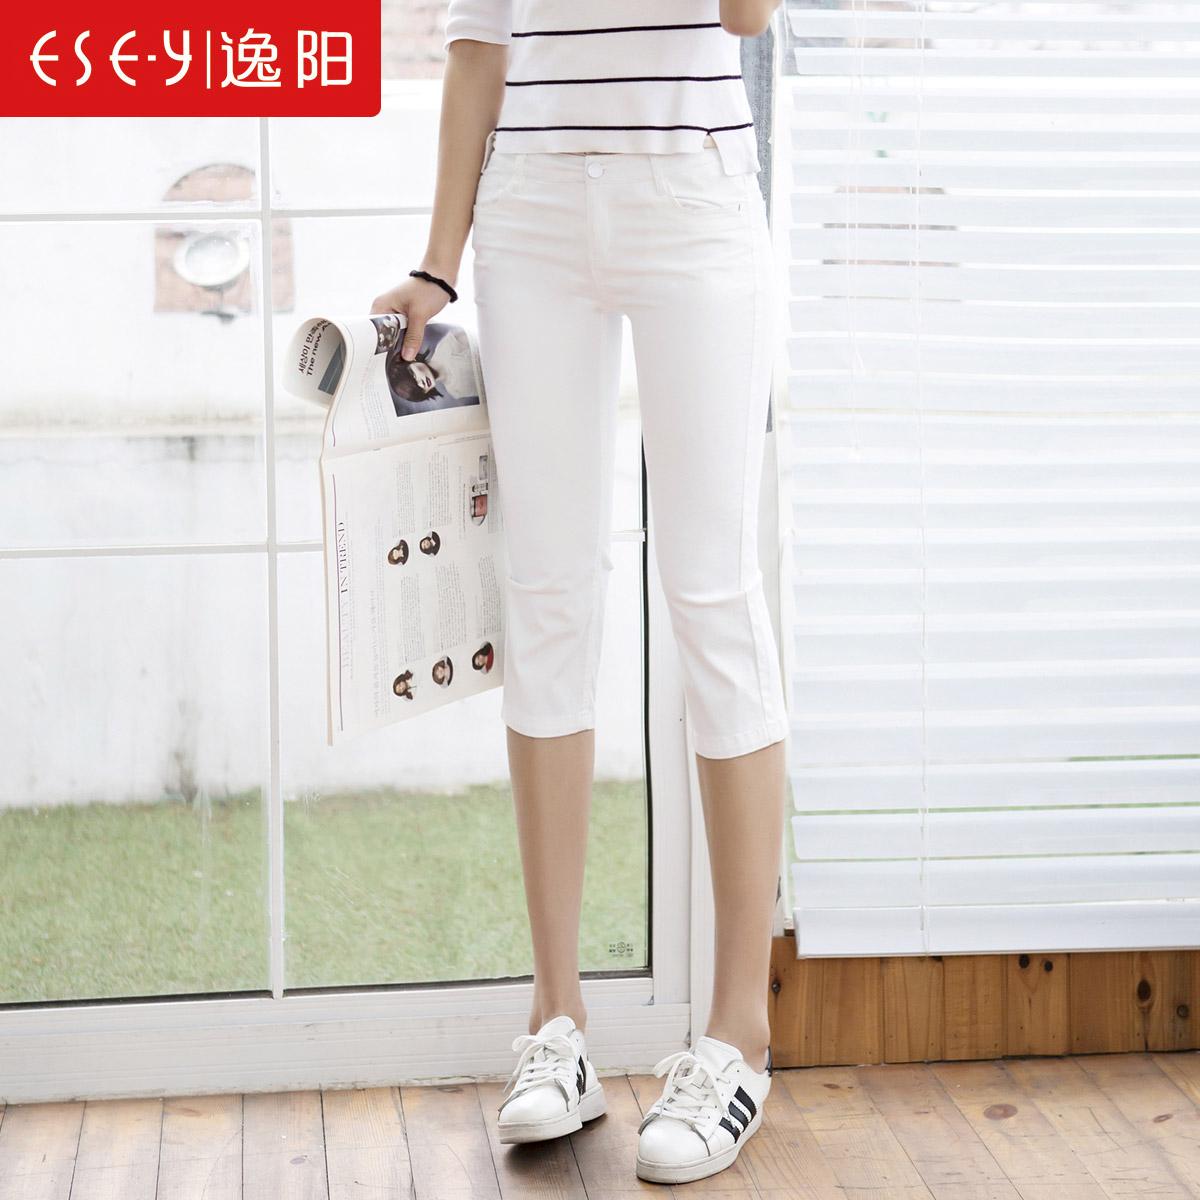 逸阳女裤2018夏新款七分裤女薄款小脚牛仔裤大码显瘦中裤7分裤女